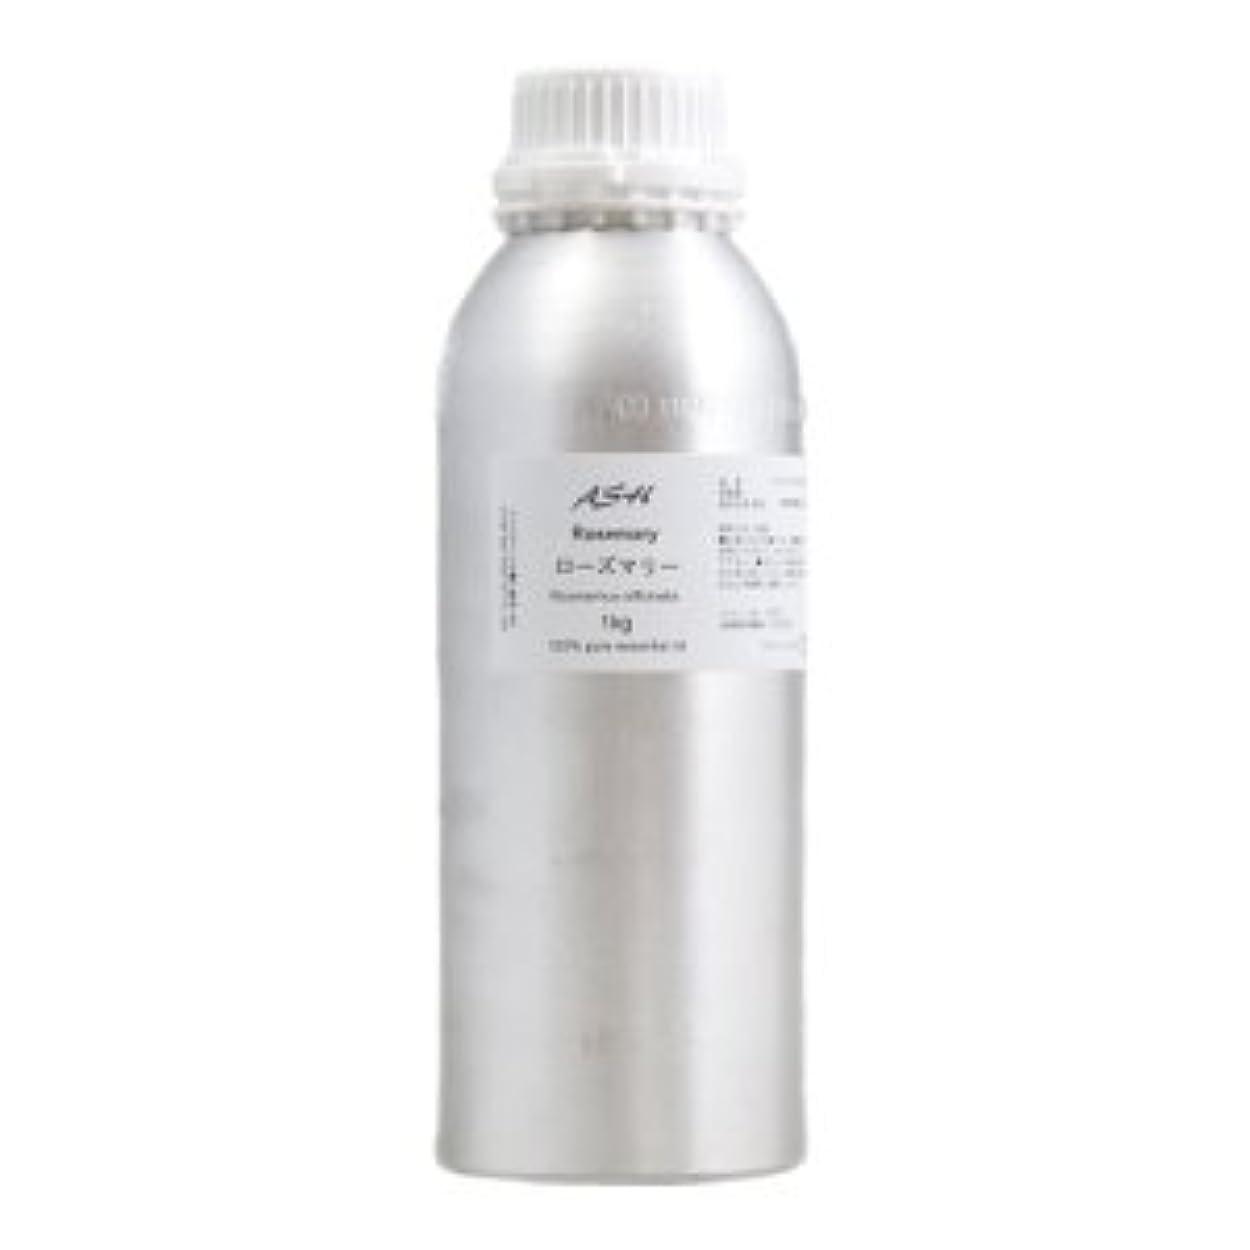 パーフェルビッド登る群衆ASH ローズマリー (CTカンファー) エッセンシャルオイル 業務用1kg AEAJ表示基準適合認定精油